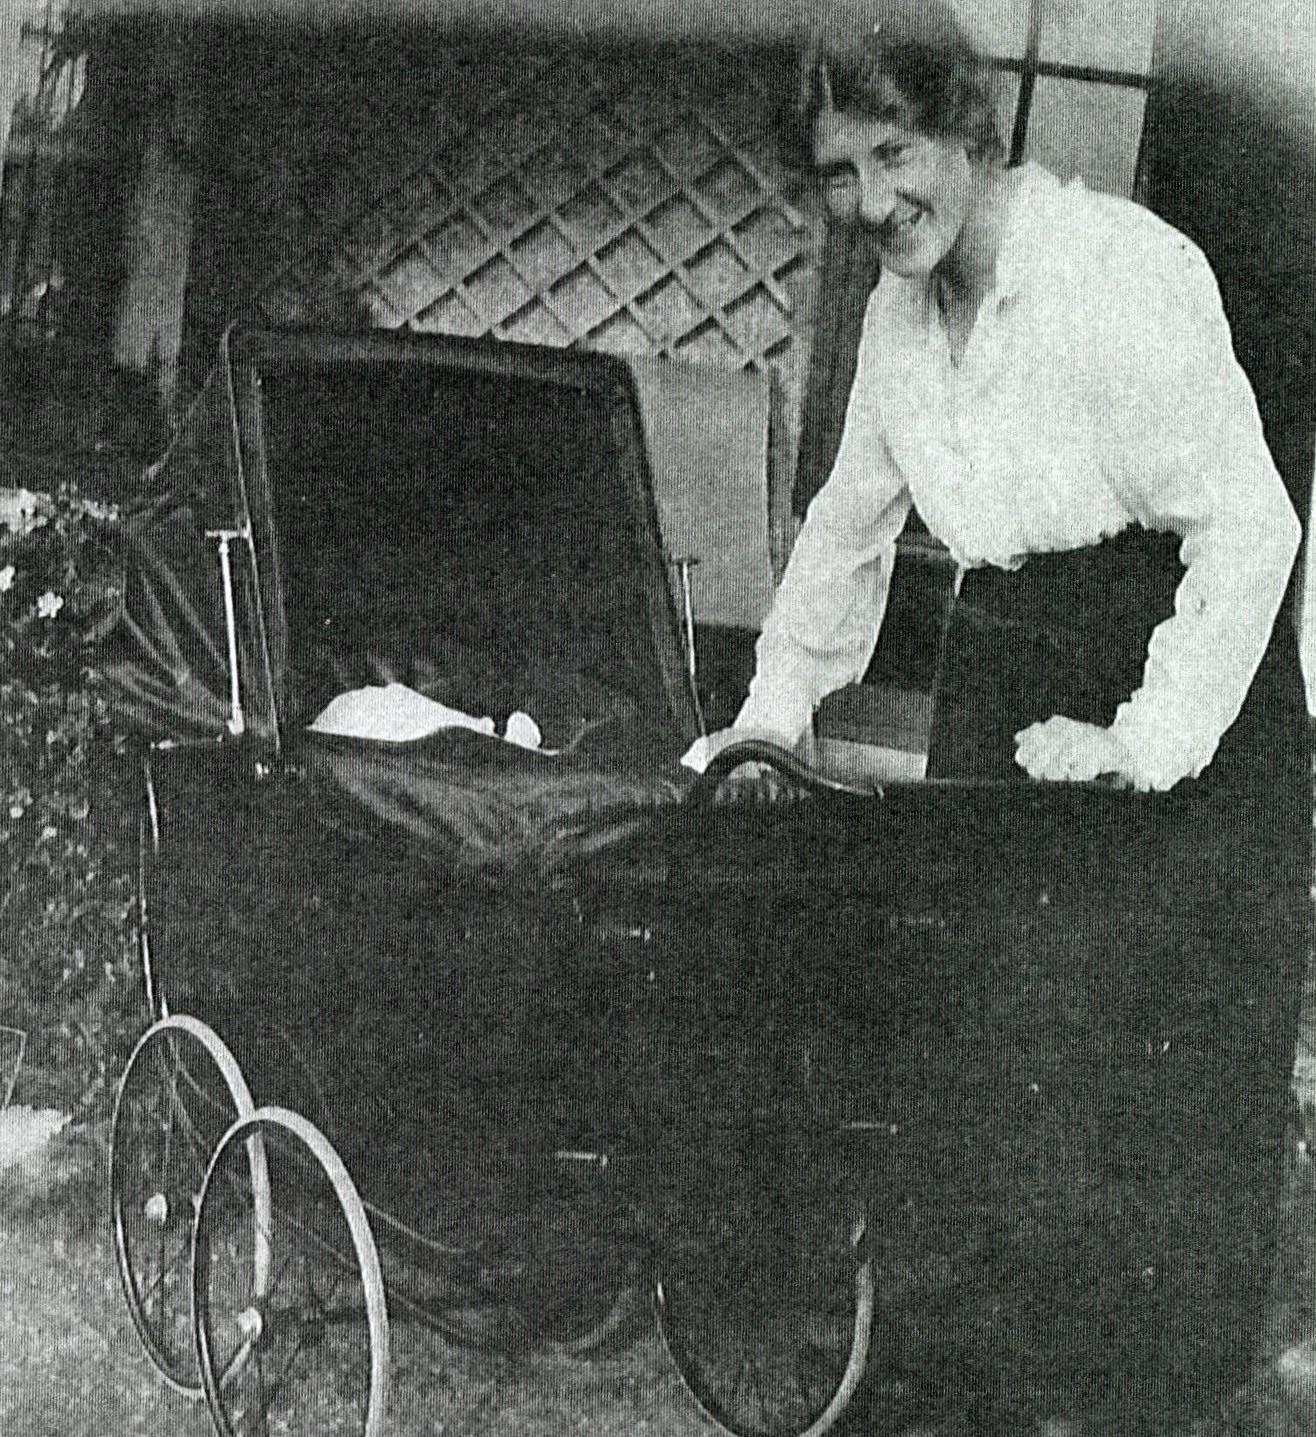 Granny with John, Dublin 1921